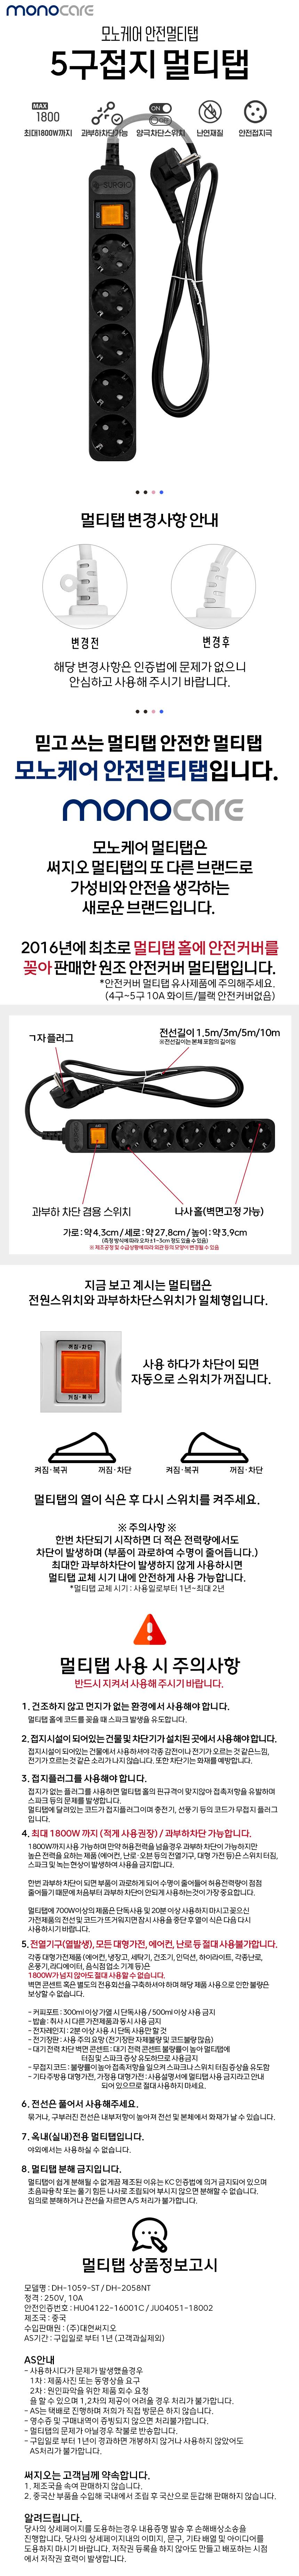 대현써지오 대현써지오 모노케어 5구 10A 메인 스위치 멀티탭 블랙 (10m)